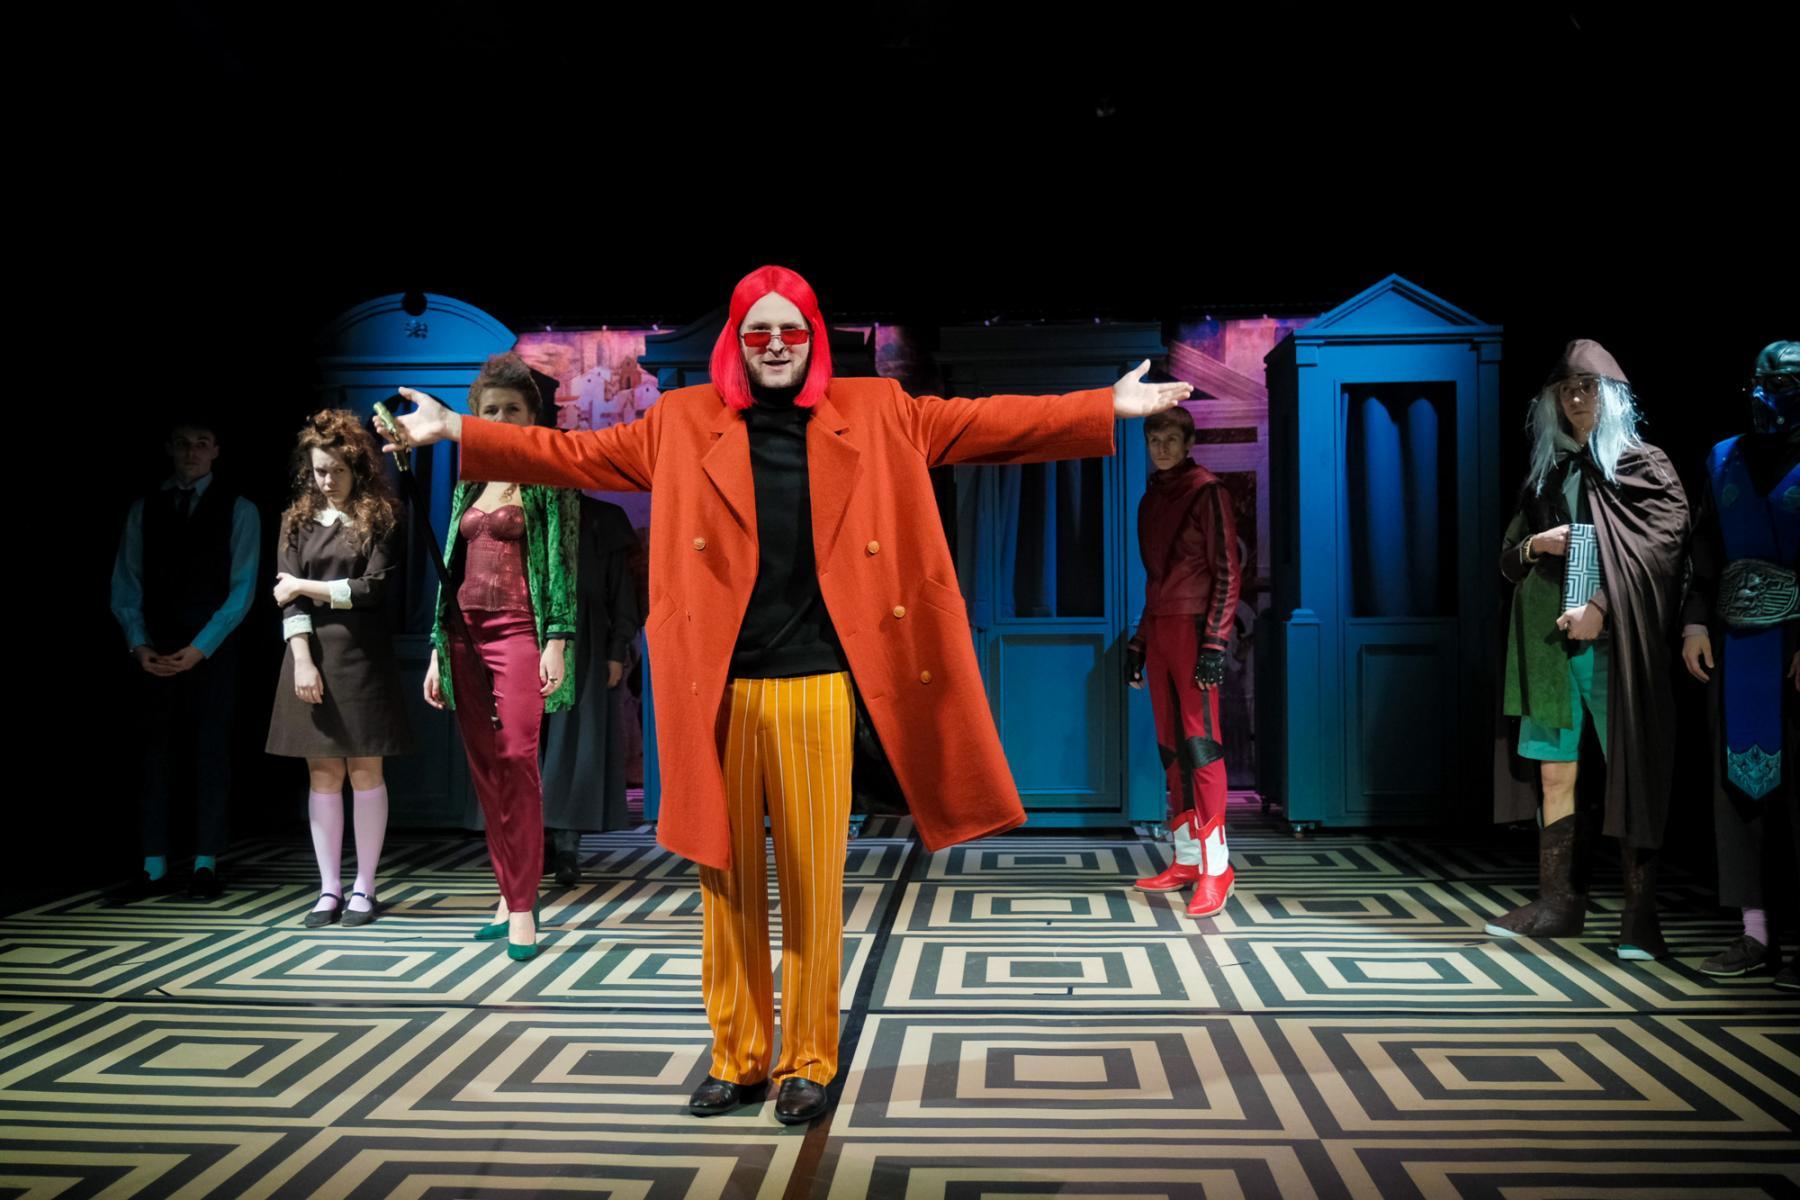 фото «Спектакль про детей, которые наворотили дел, и всё кончилось плохо»: остросюжетный детектив о Ромео и Джульетте показали в  «Первом театре» 4